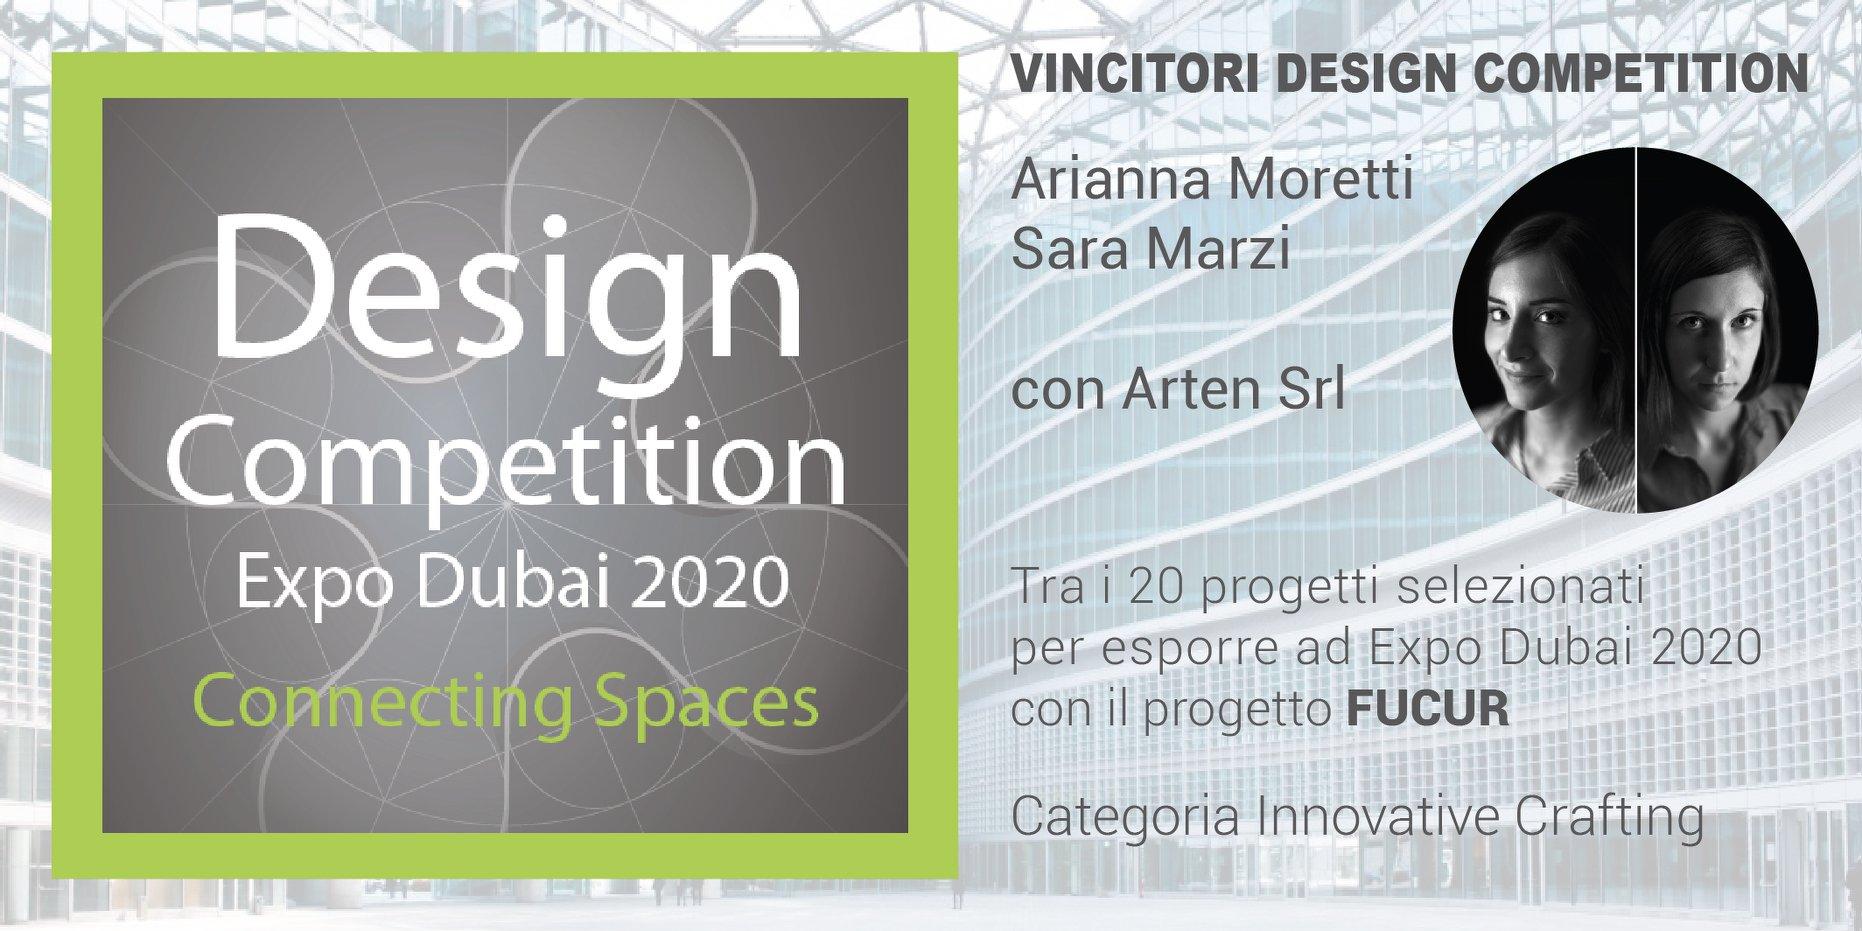 Logo della Design Competition per Expo Dubai 2020, contest di design organizzato da Regione Lombardia.